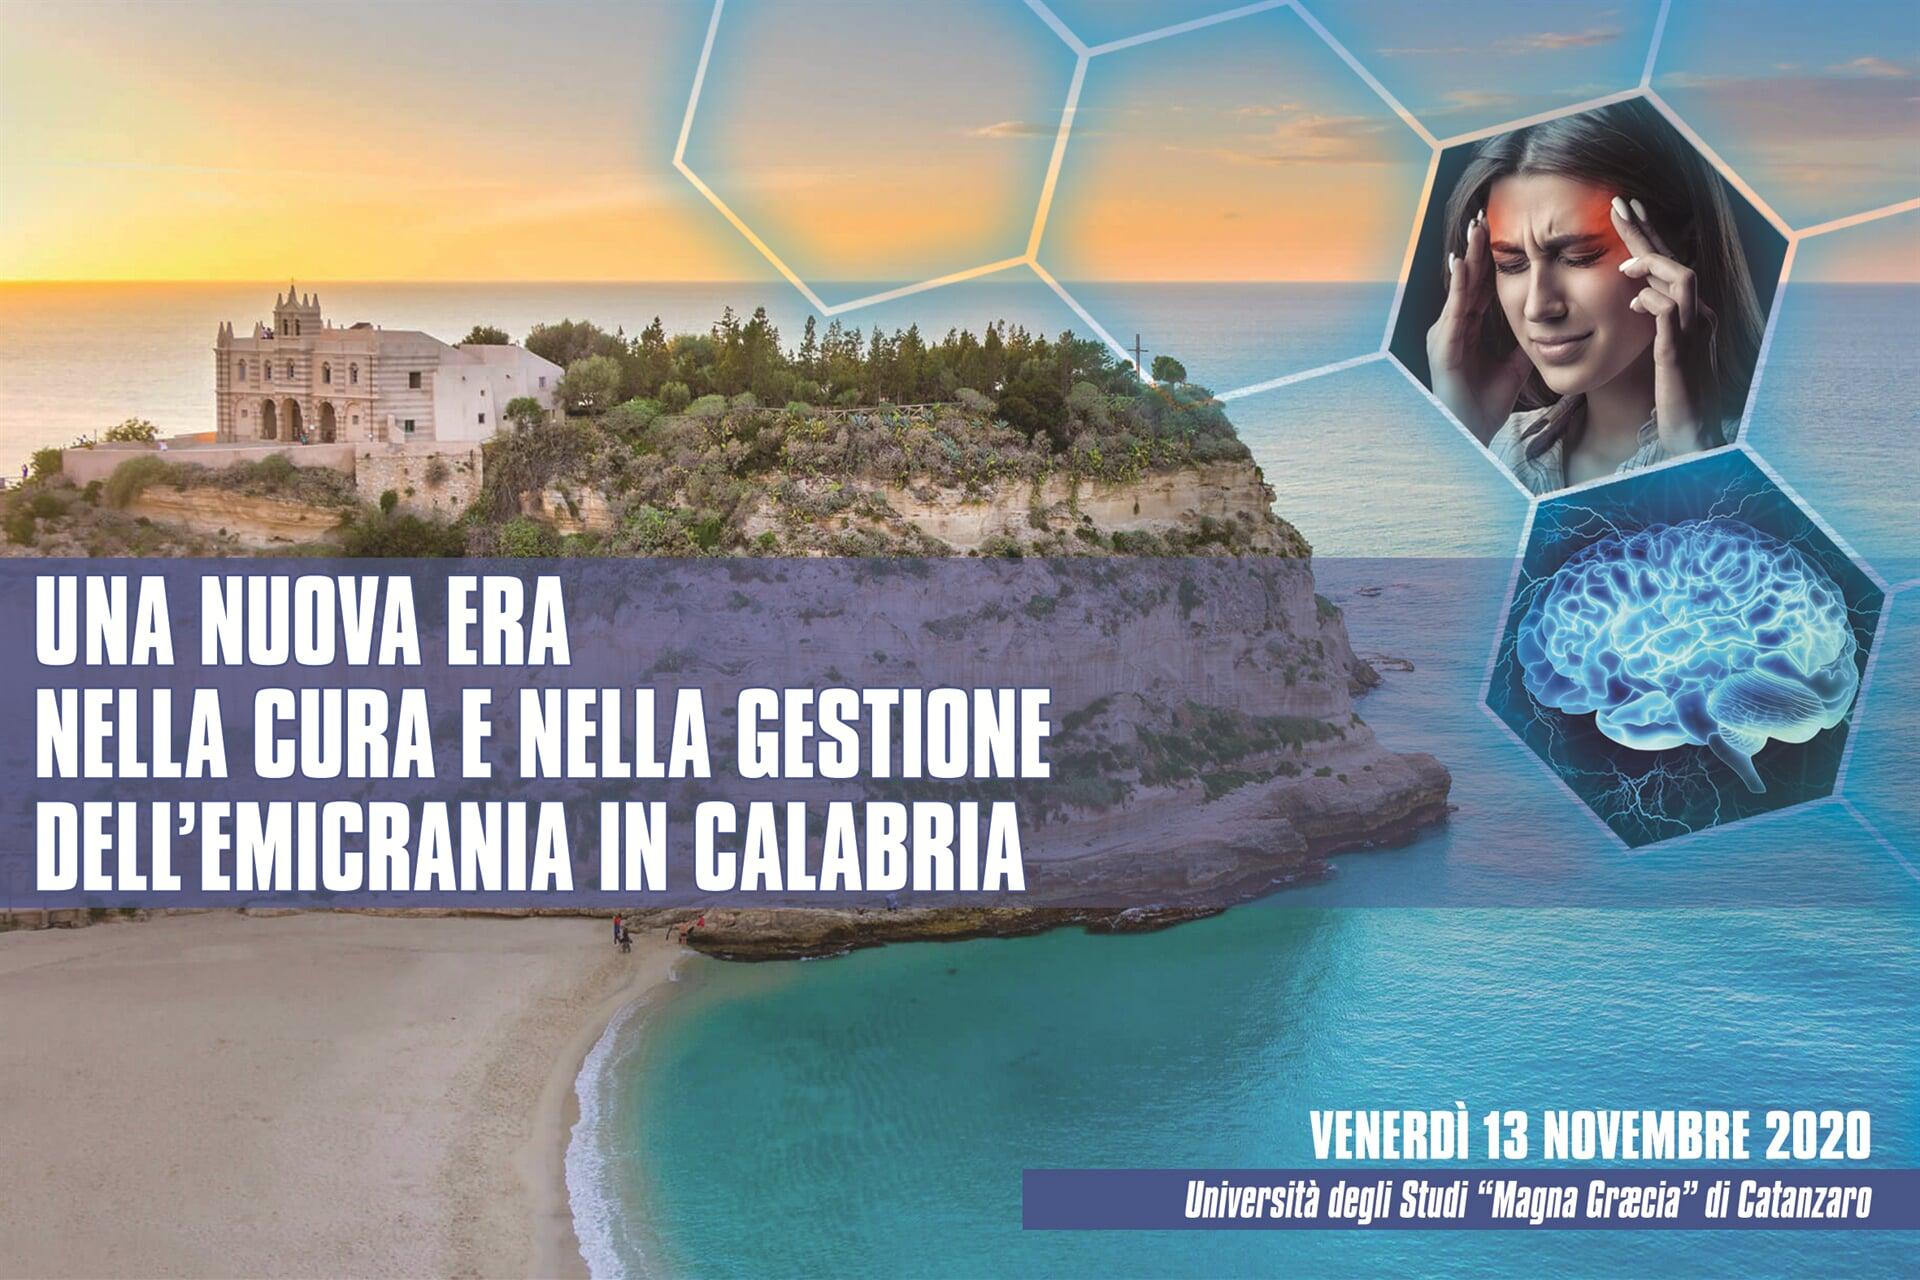 Una Nuova Era nella Cura e nella Gestione dell'Emicrania in Calabria